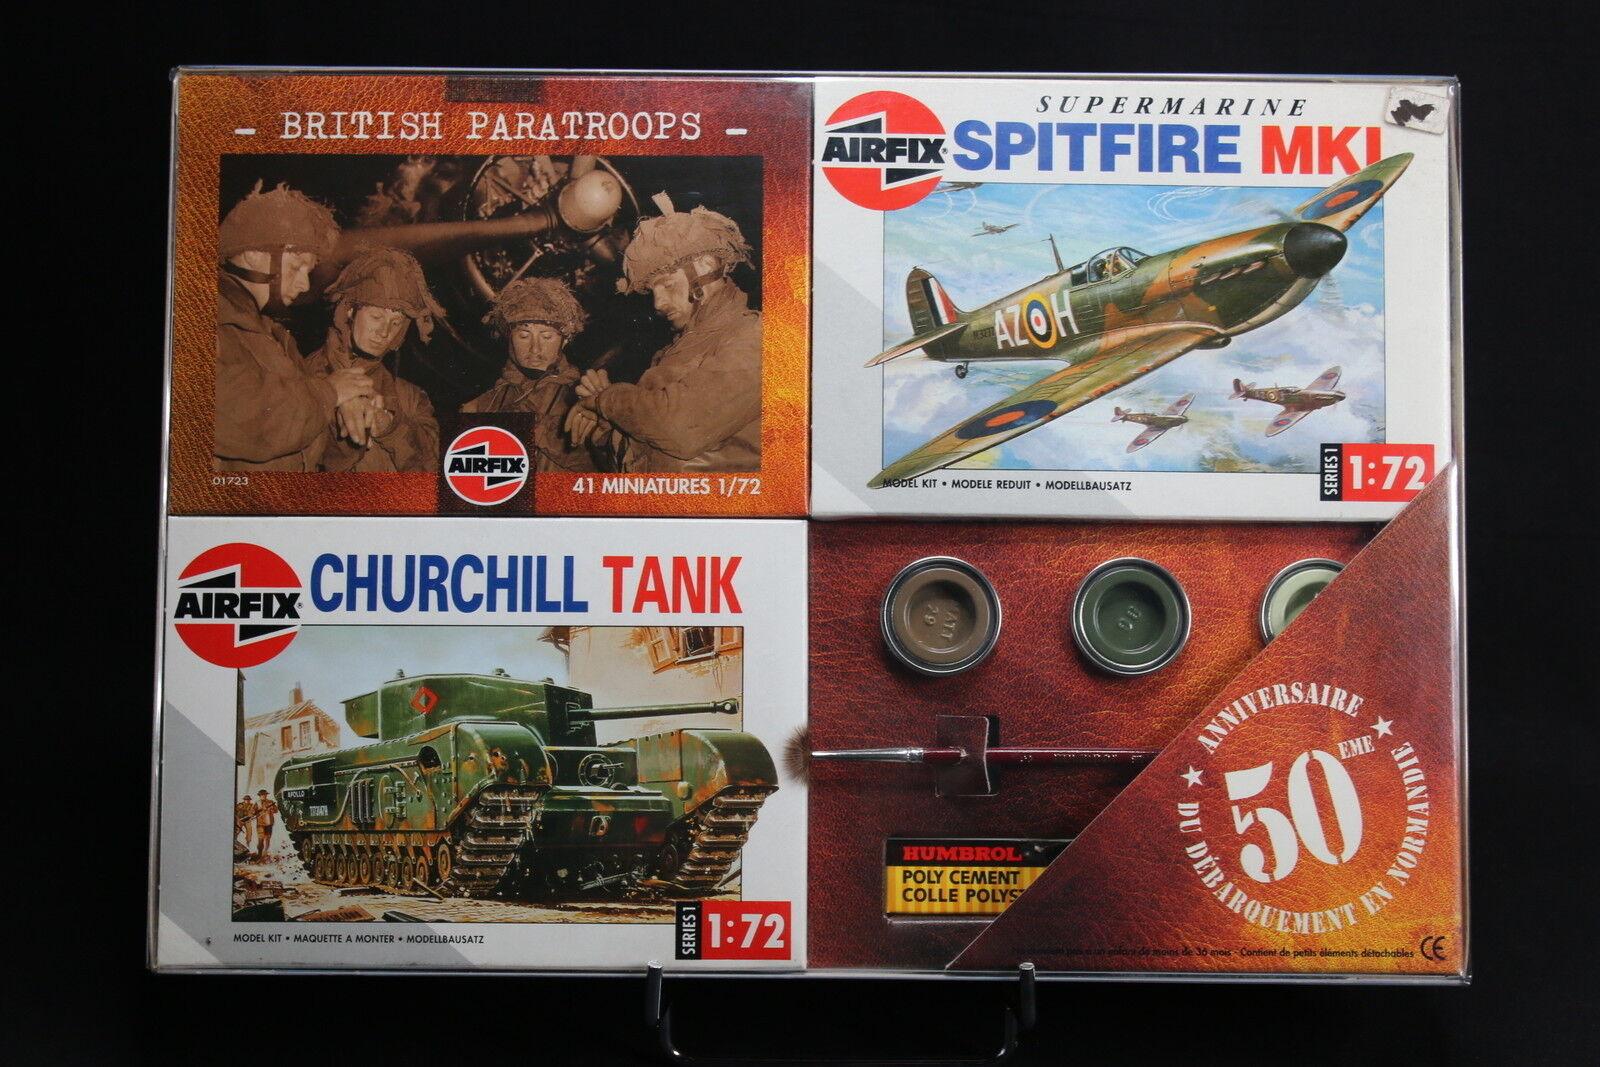 XM015 AIRFIX Collection Day 50 Anniversaire  débarqueHommest 01723 01304 01071 WWII  prix le moins cher